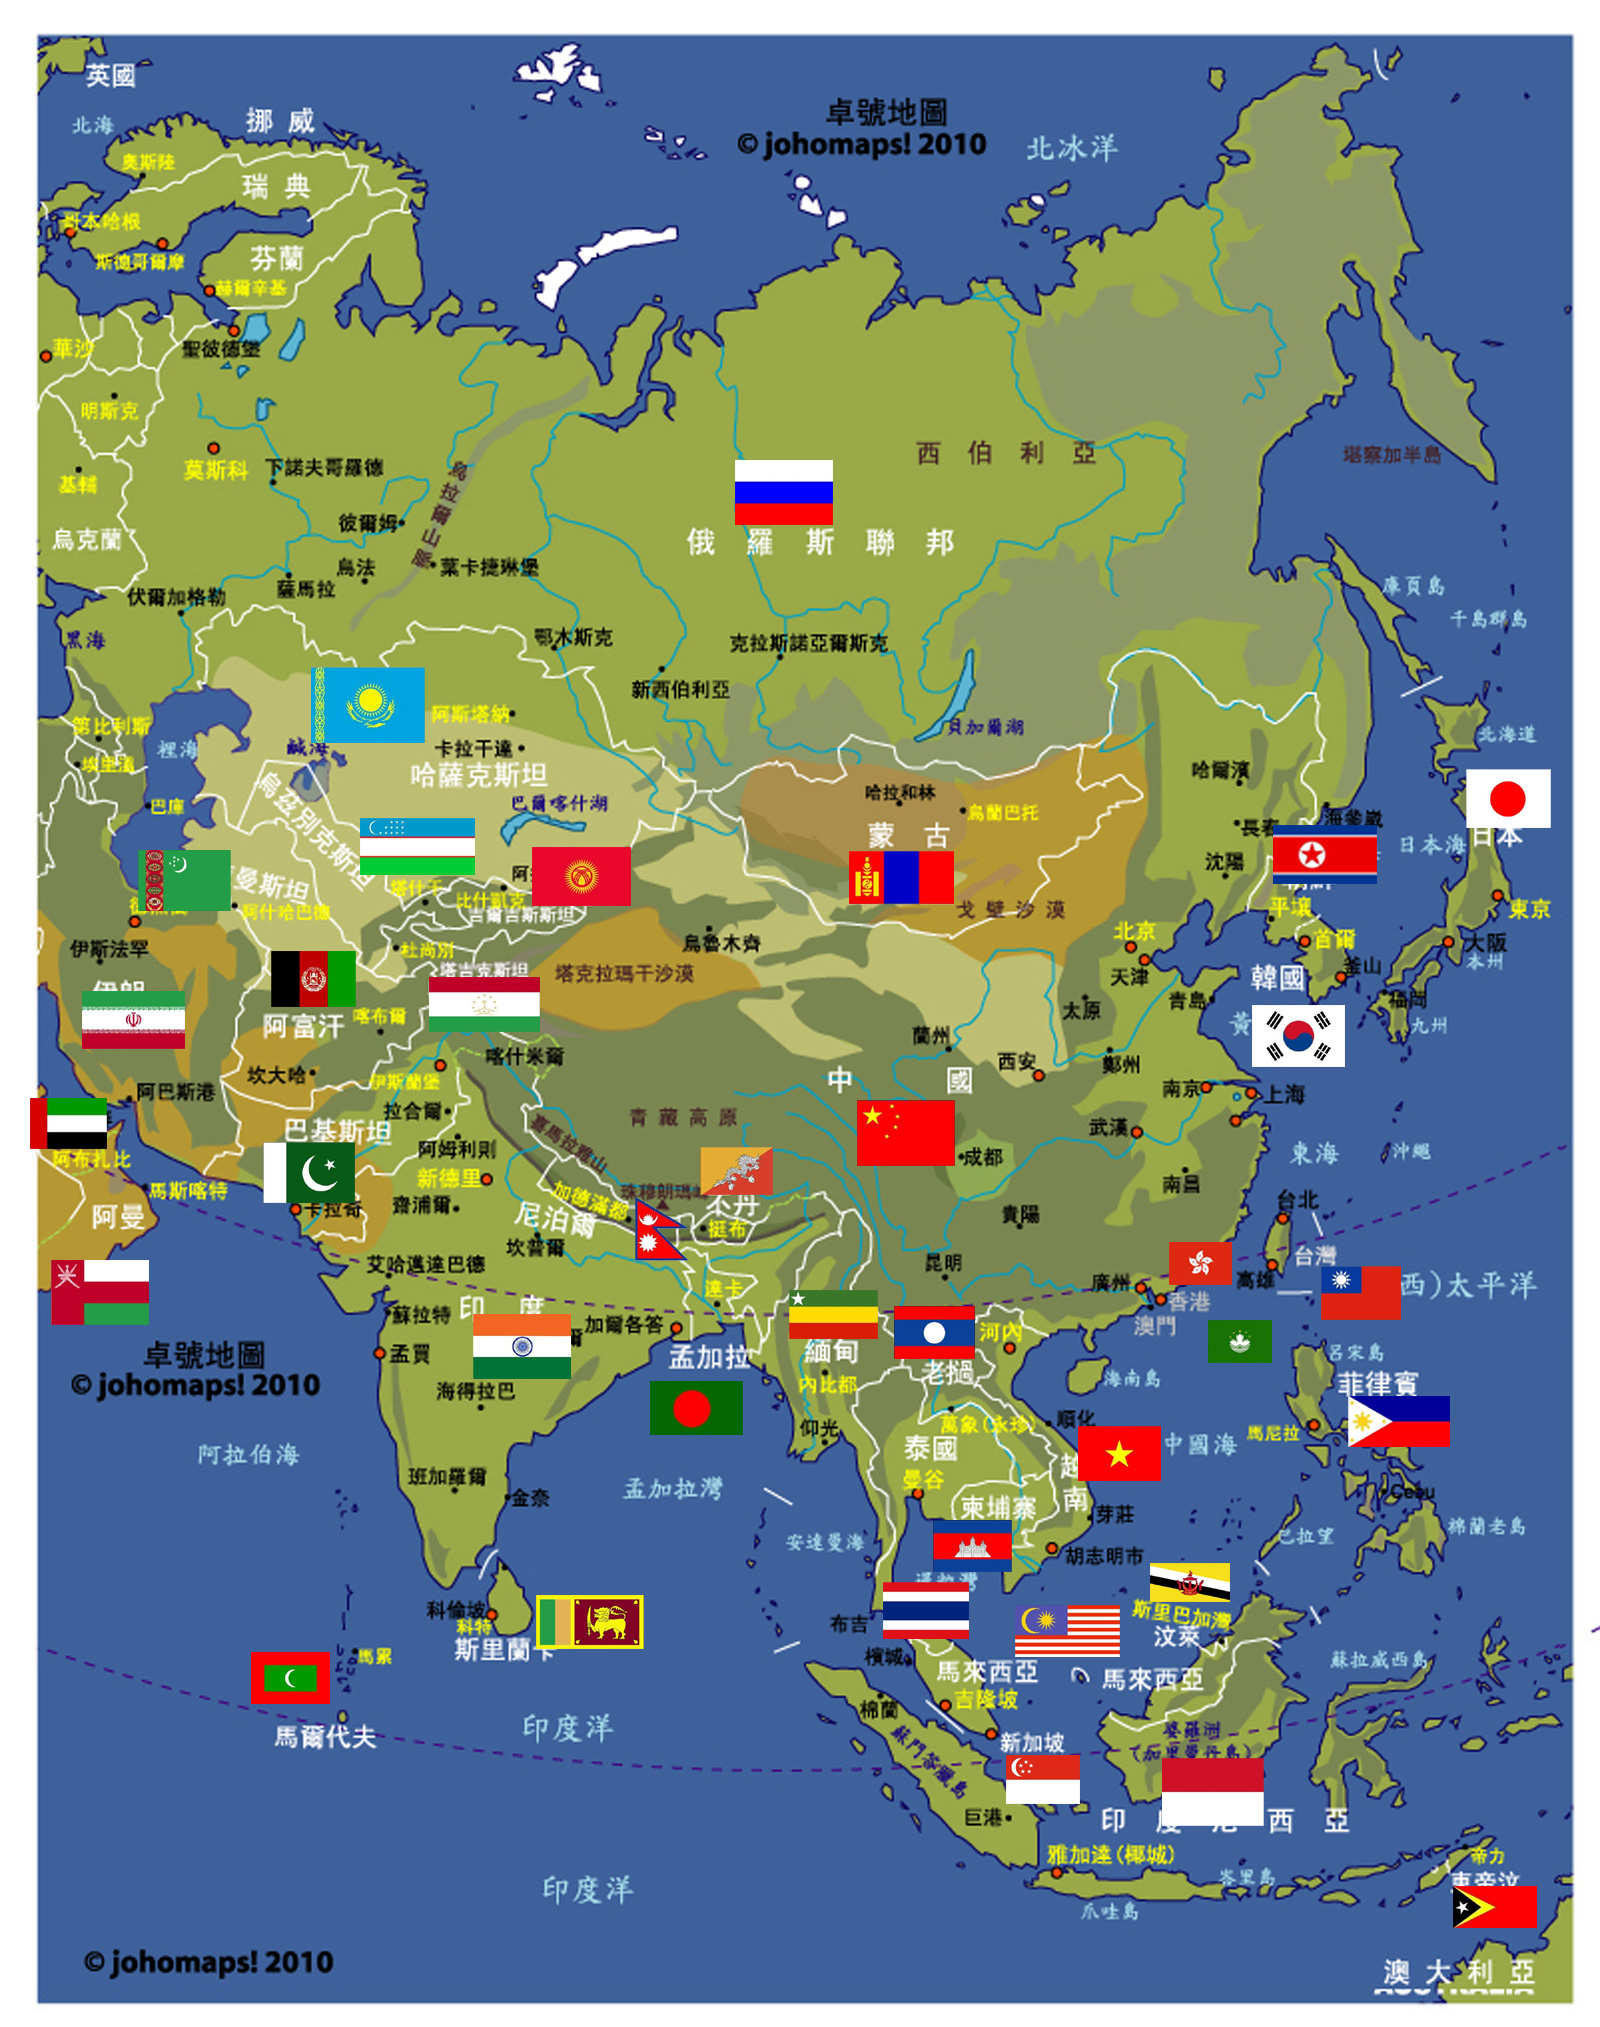 地圖 images - usseek.com